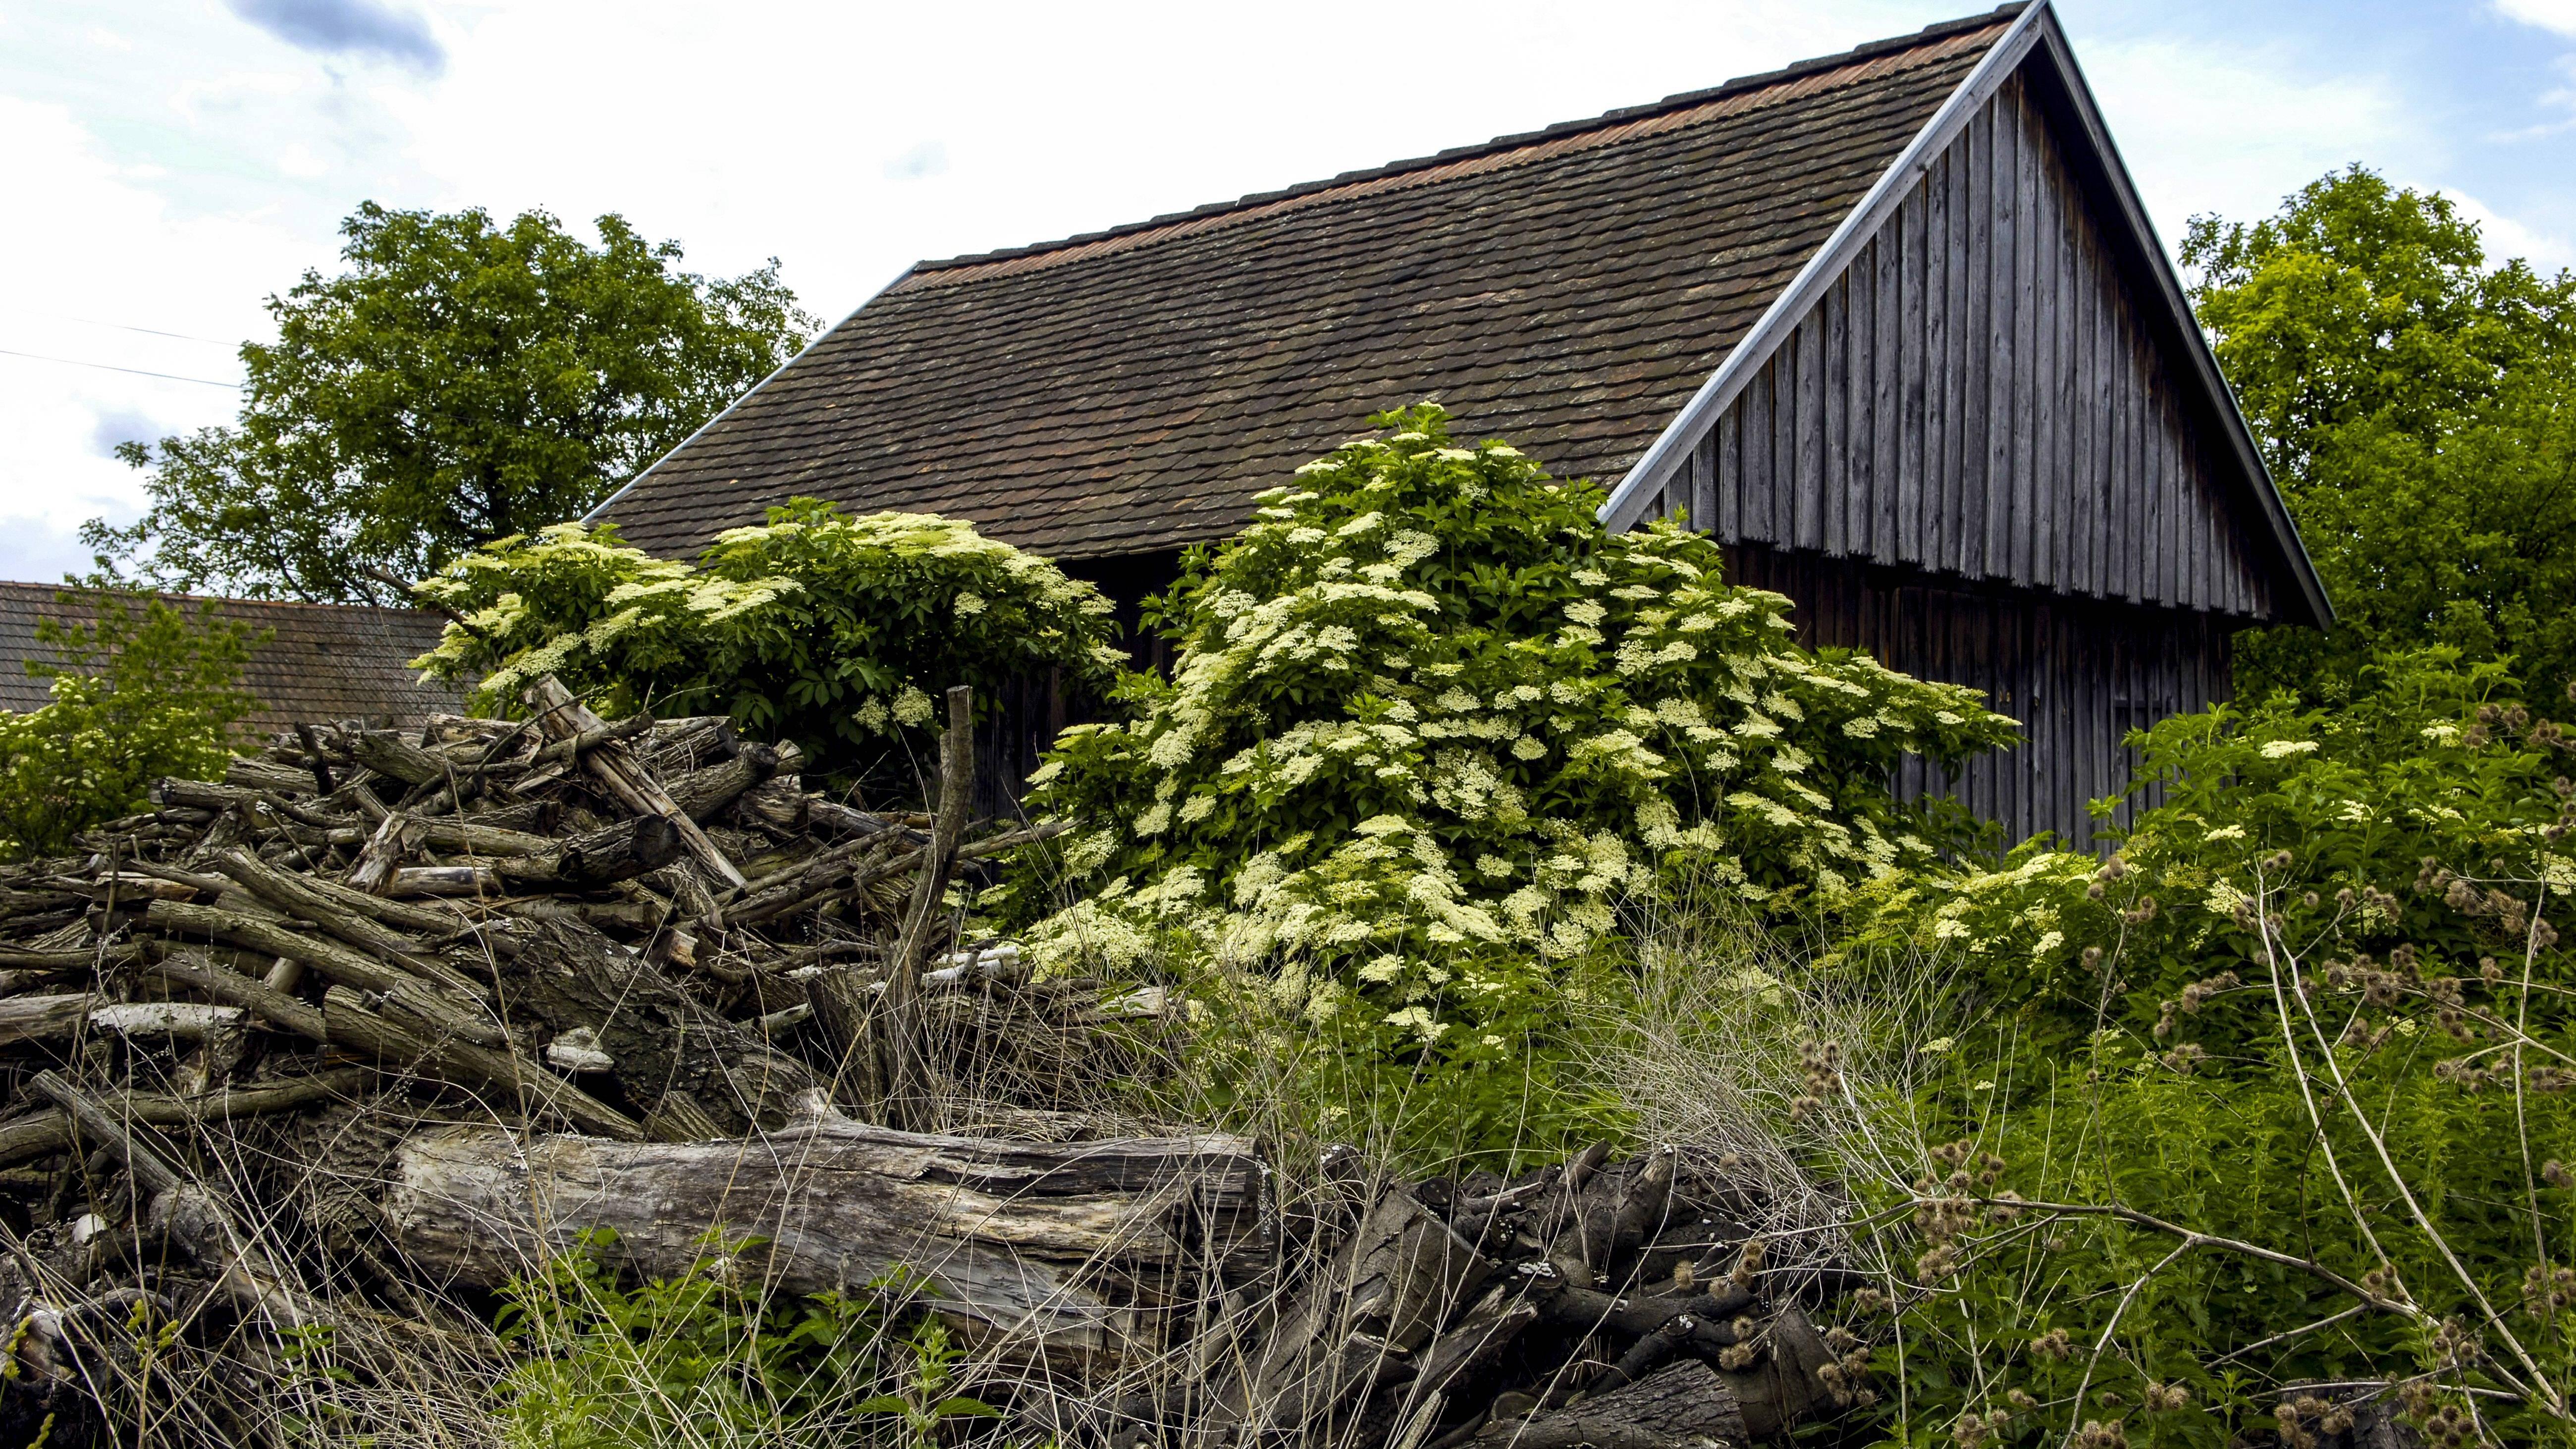 Verwilderten Garten herrichten - so geht's